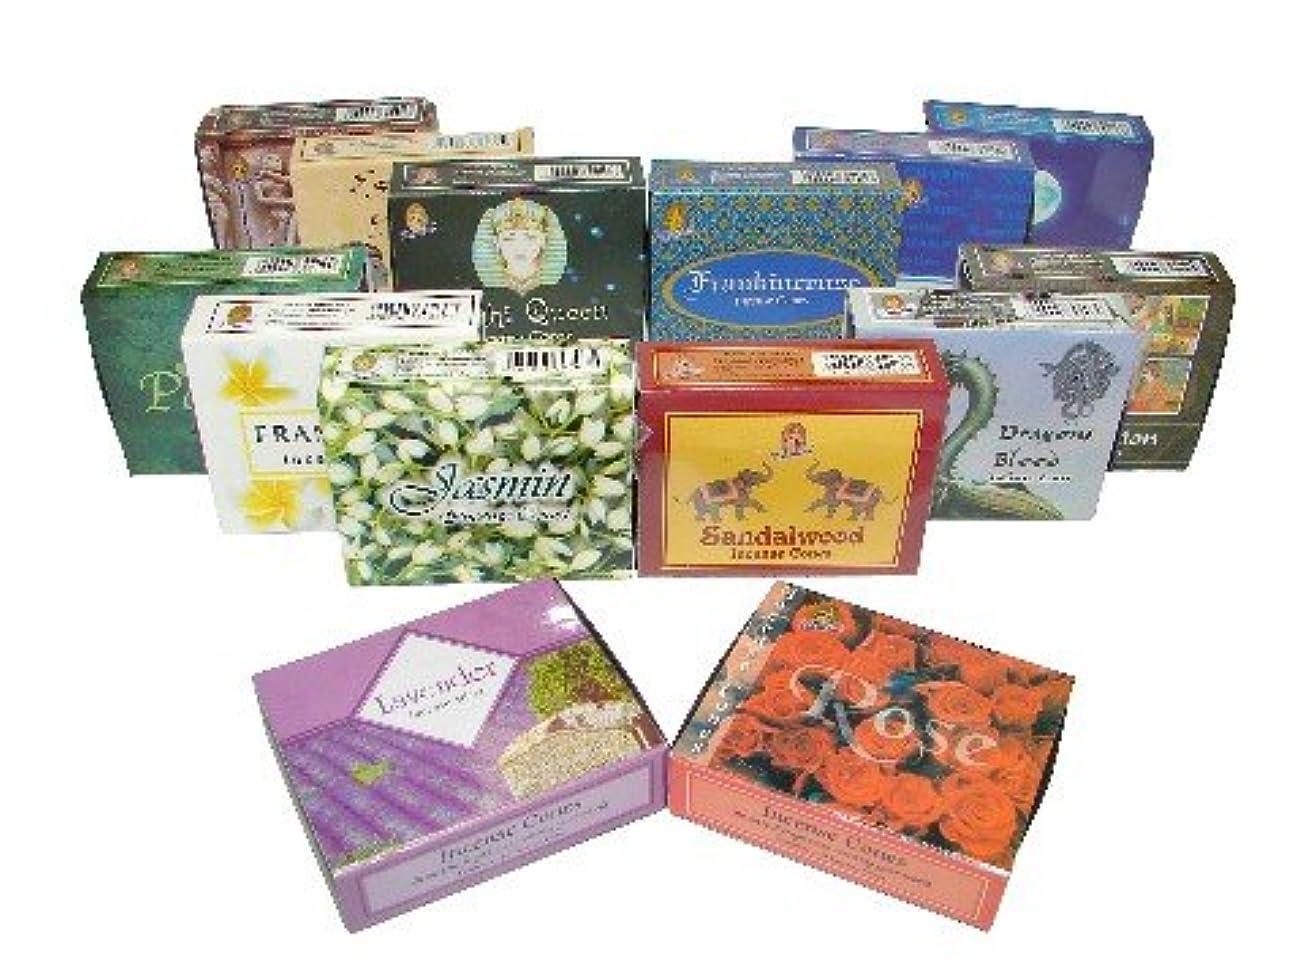 実質的にステートメント苦情文句2 Boxes of Cone Incenses-Lavender